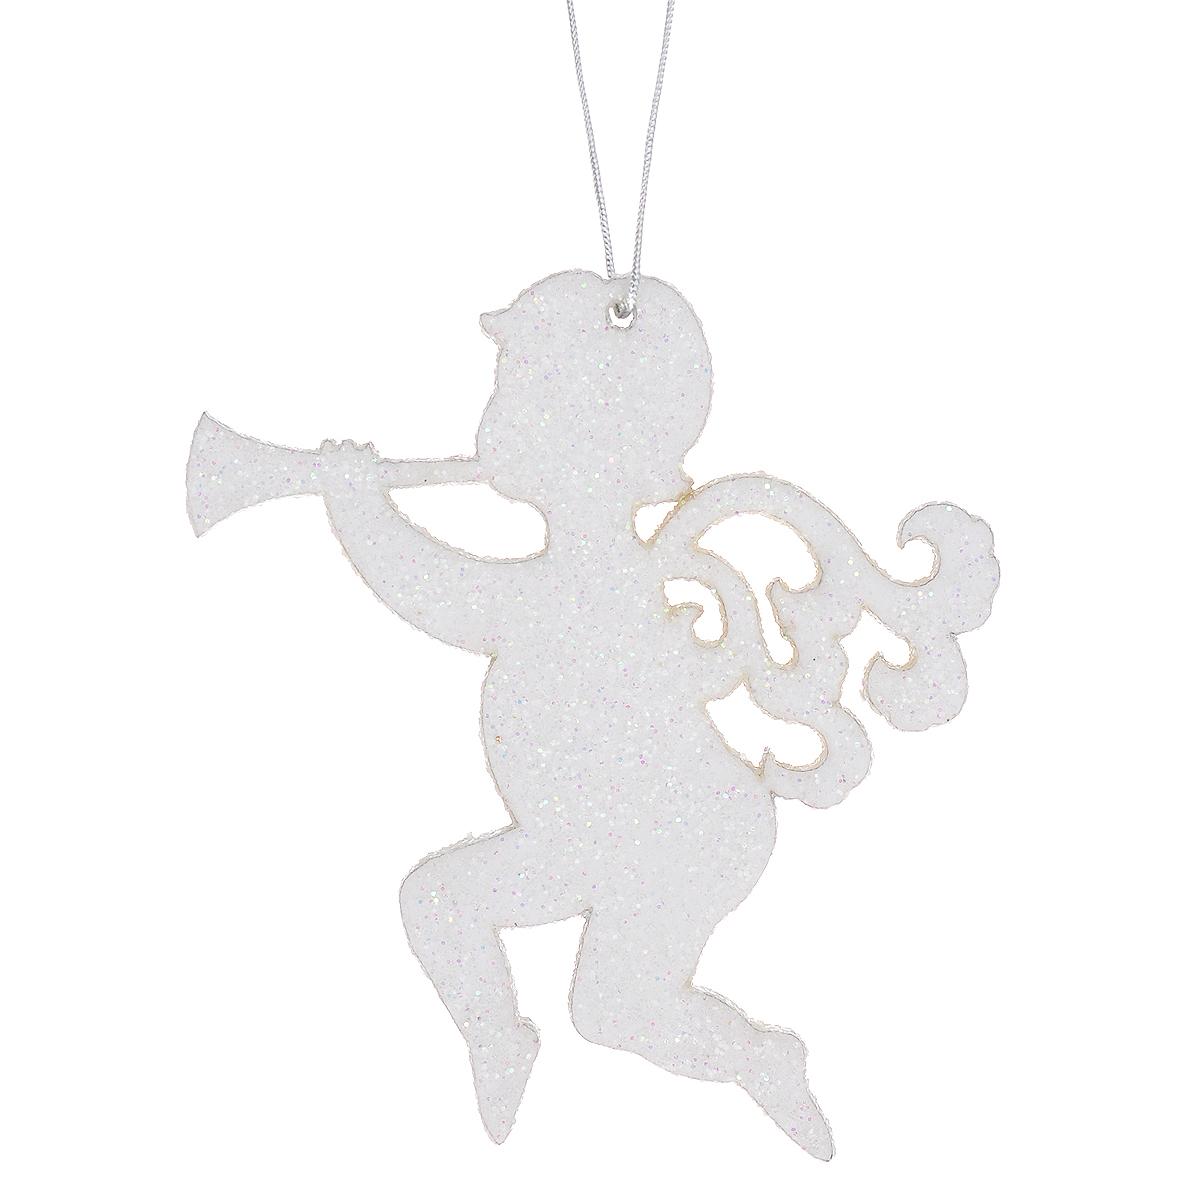 Новогоднее подвесное украшение Феникс-Презент Ангел с дудочкой, цвет: белый. 3530735307Оригинальное новогоднее украшение в виде ангела прекрасно подойдет для праздничного декора дома и новогодней ели. С помощью специальной петельки его можно повесить в любом понравившемся вам месте. Но, конечно, удачнее всего такая игрушка будет смотреться на праздничной елке. Елочная игрушка - символ Нового года и Рождества. Она несет в себе волшебство и красоту праздника. Создайте в своем доме атмосферу веселья и радости, украшая новогоднюю елку нарядными игрушками, которые будут из года в год накапливать теплоту воспоминаний.